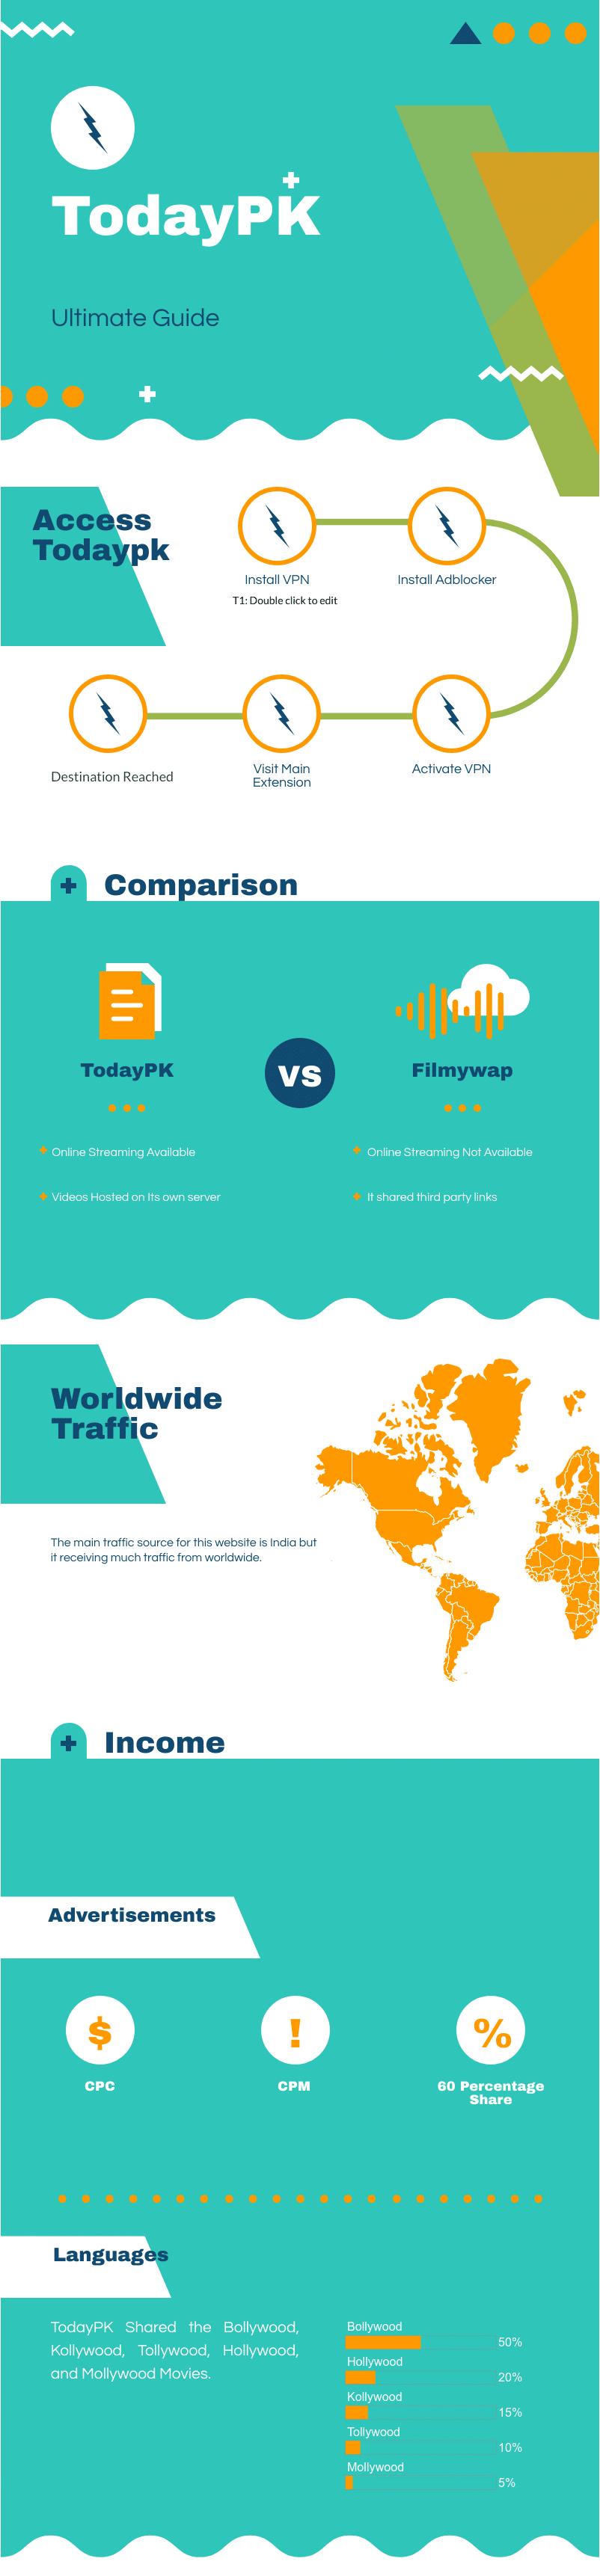 todaypk infographics